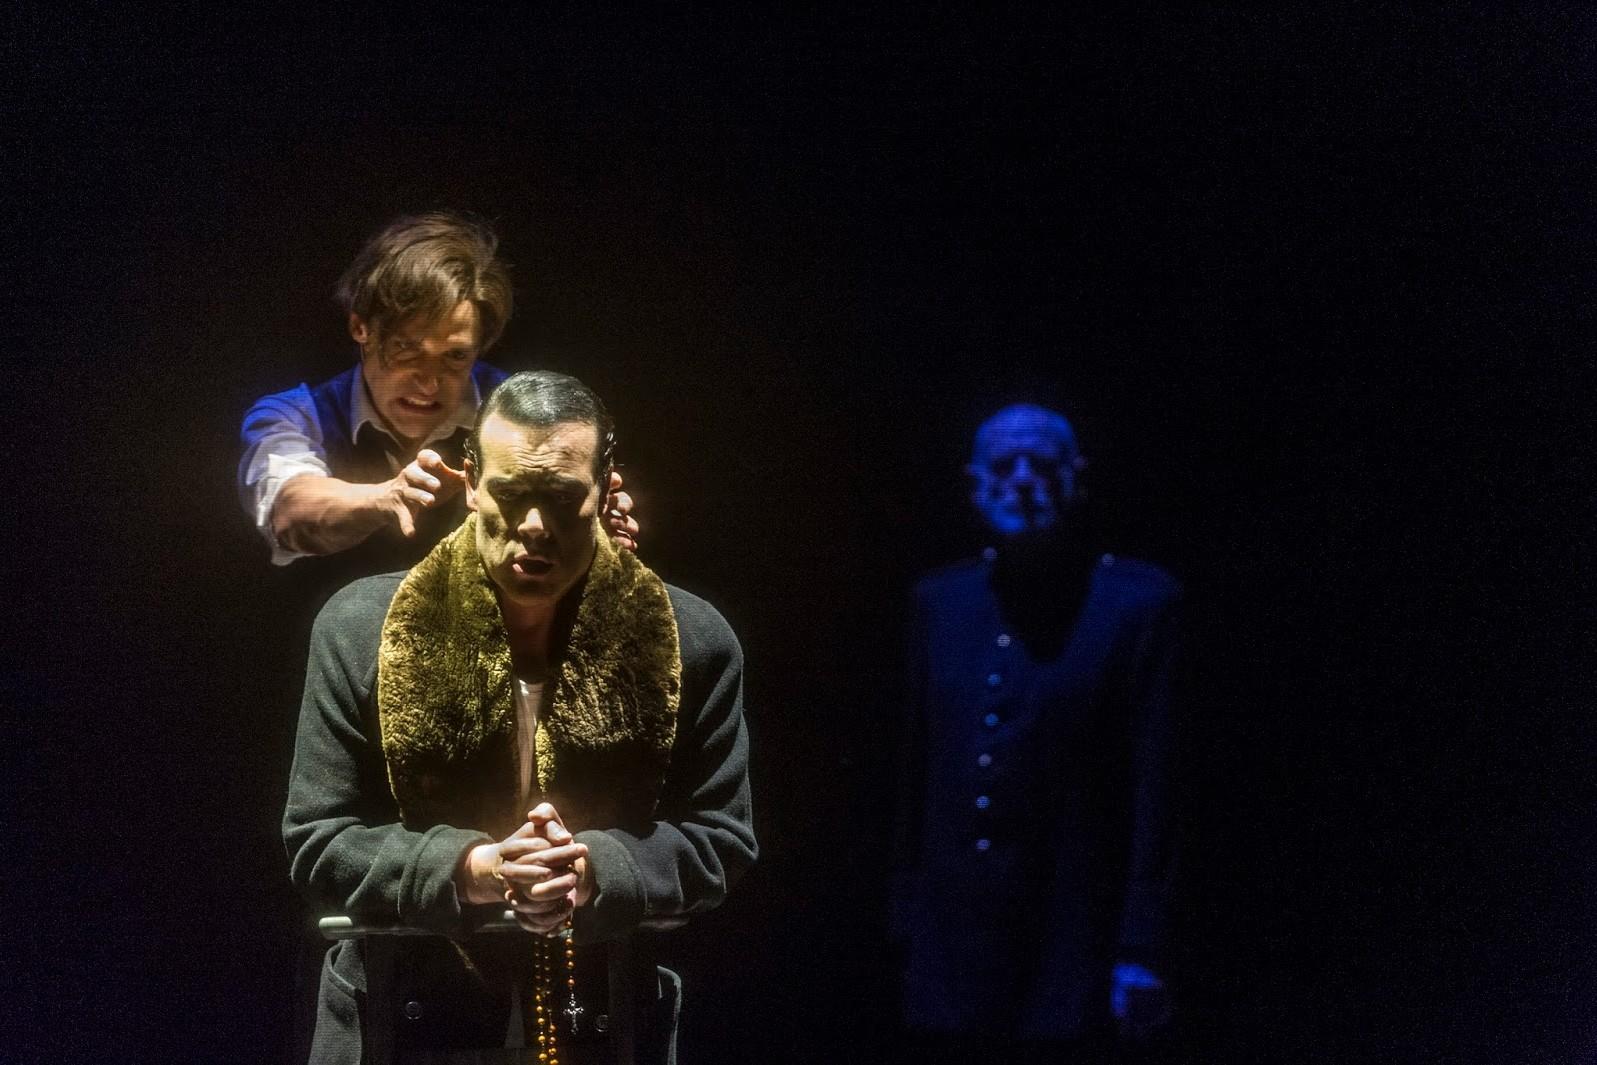 Martijn Sanders – Hamlet – Opera 2 Day – Photo by Ben van Duin